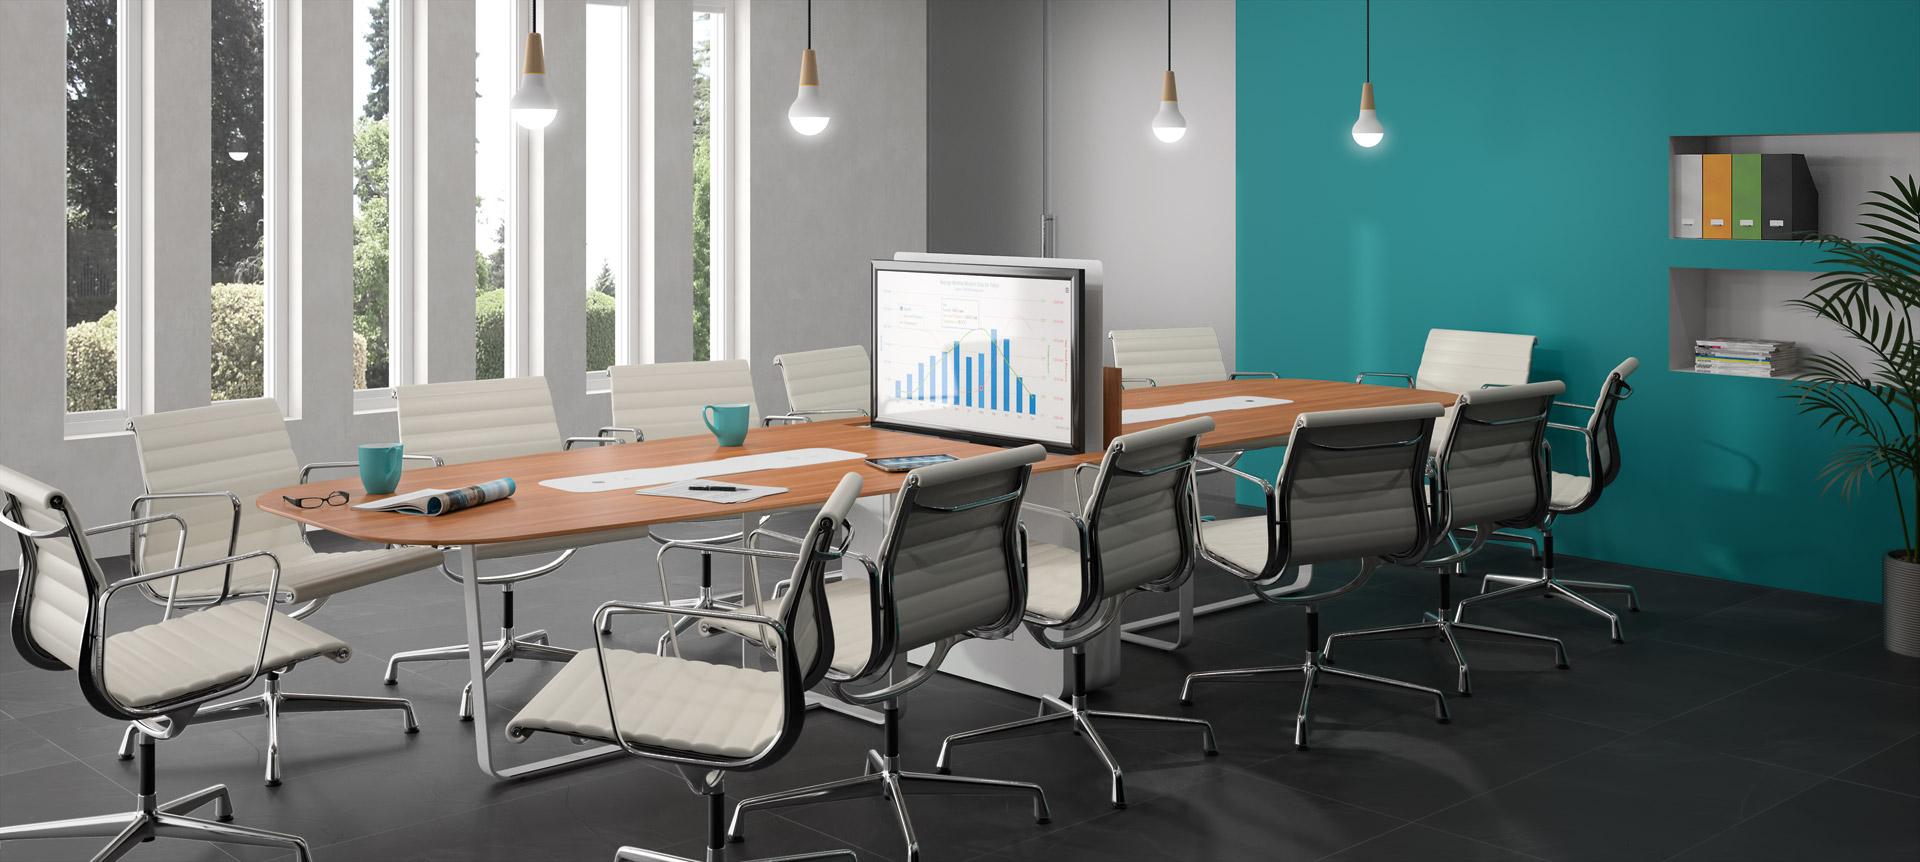 Table de r union wemeet mixed partage d 39 information for Espace de travail collaboratif